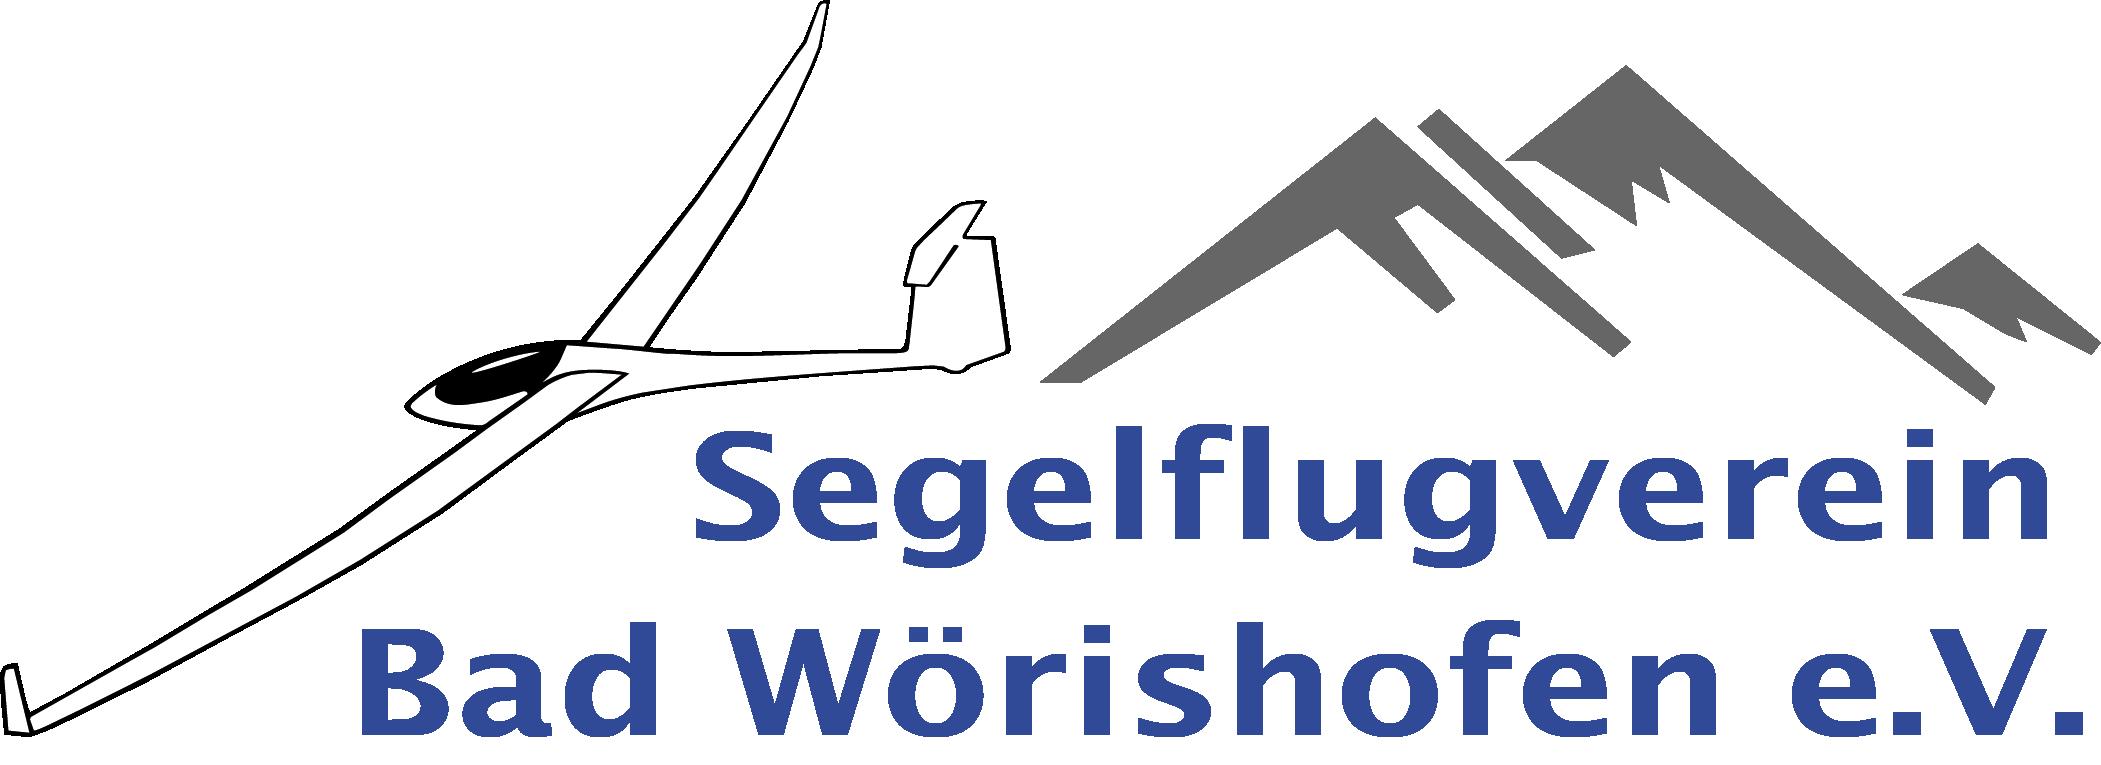 Segelflugverein Bad Wörishofen e.V. Logo